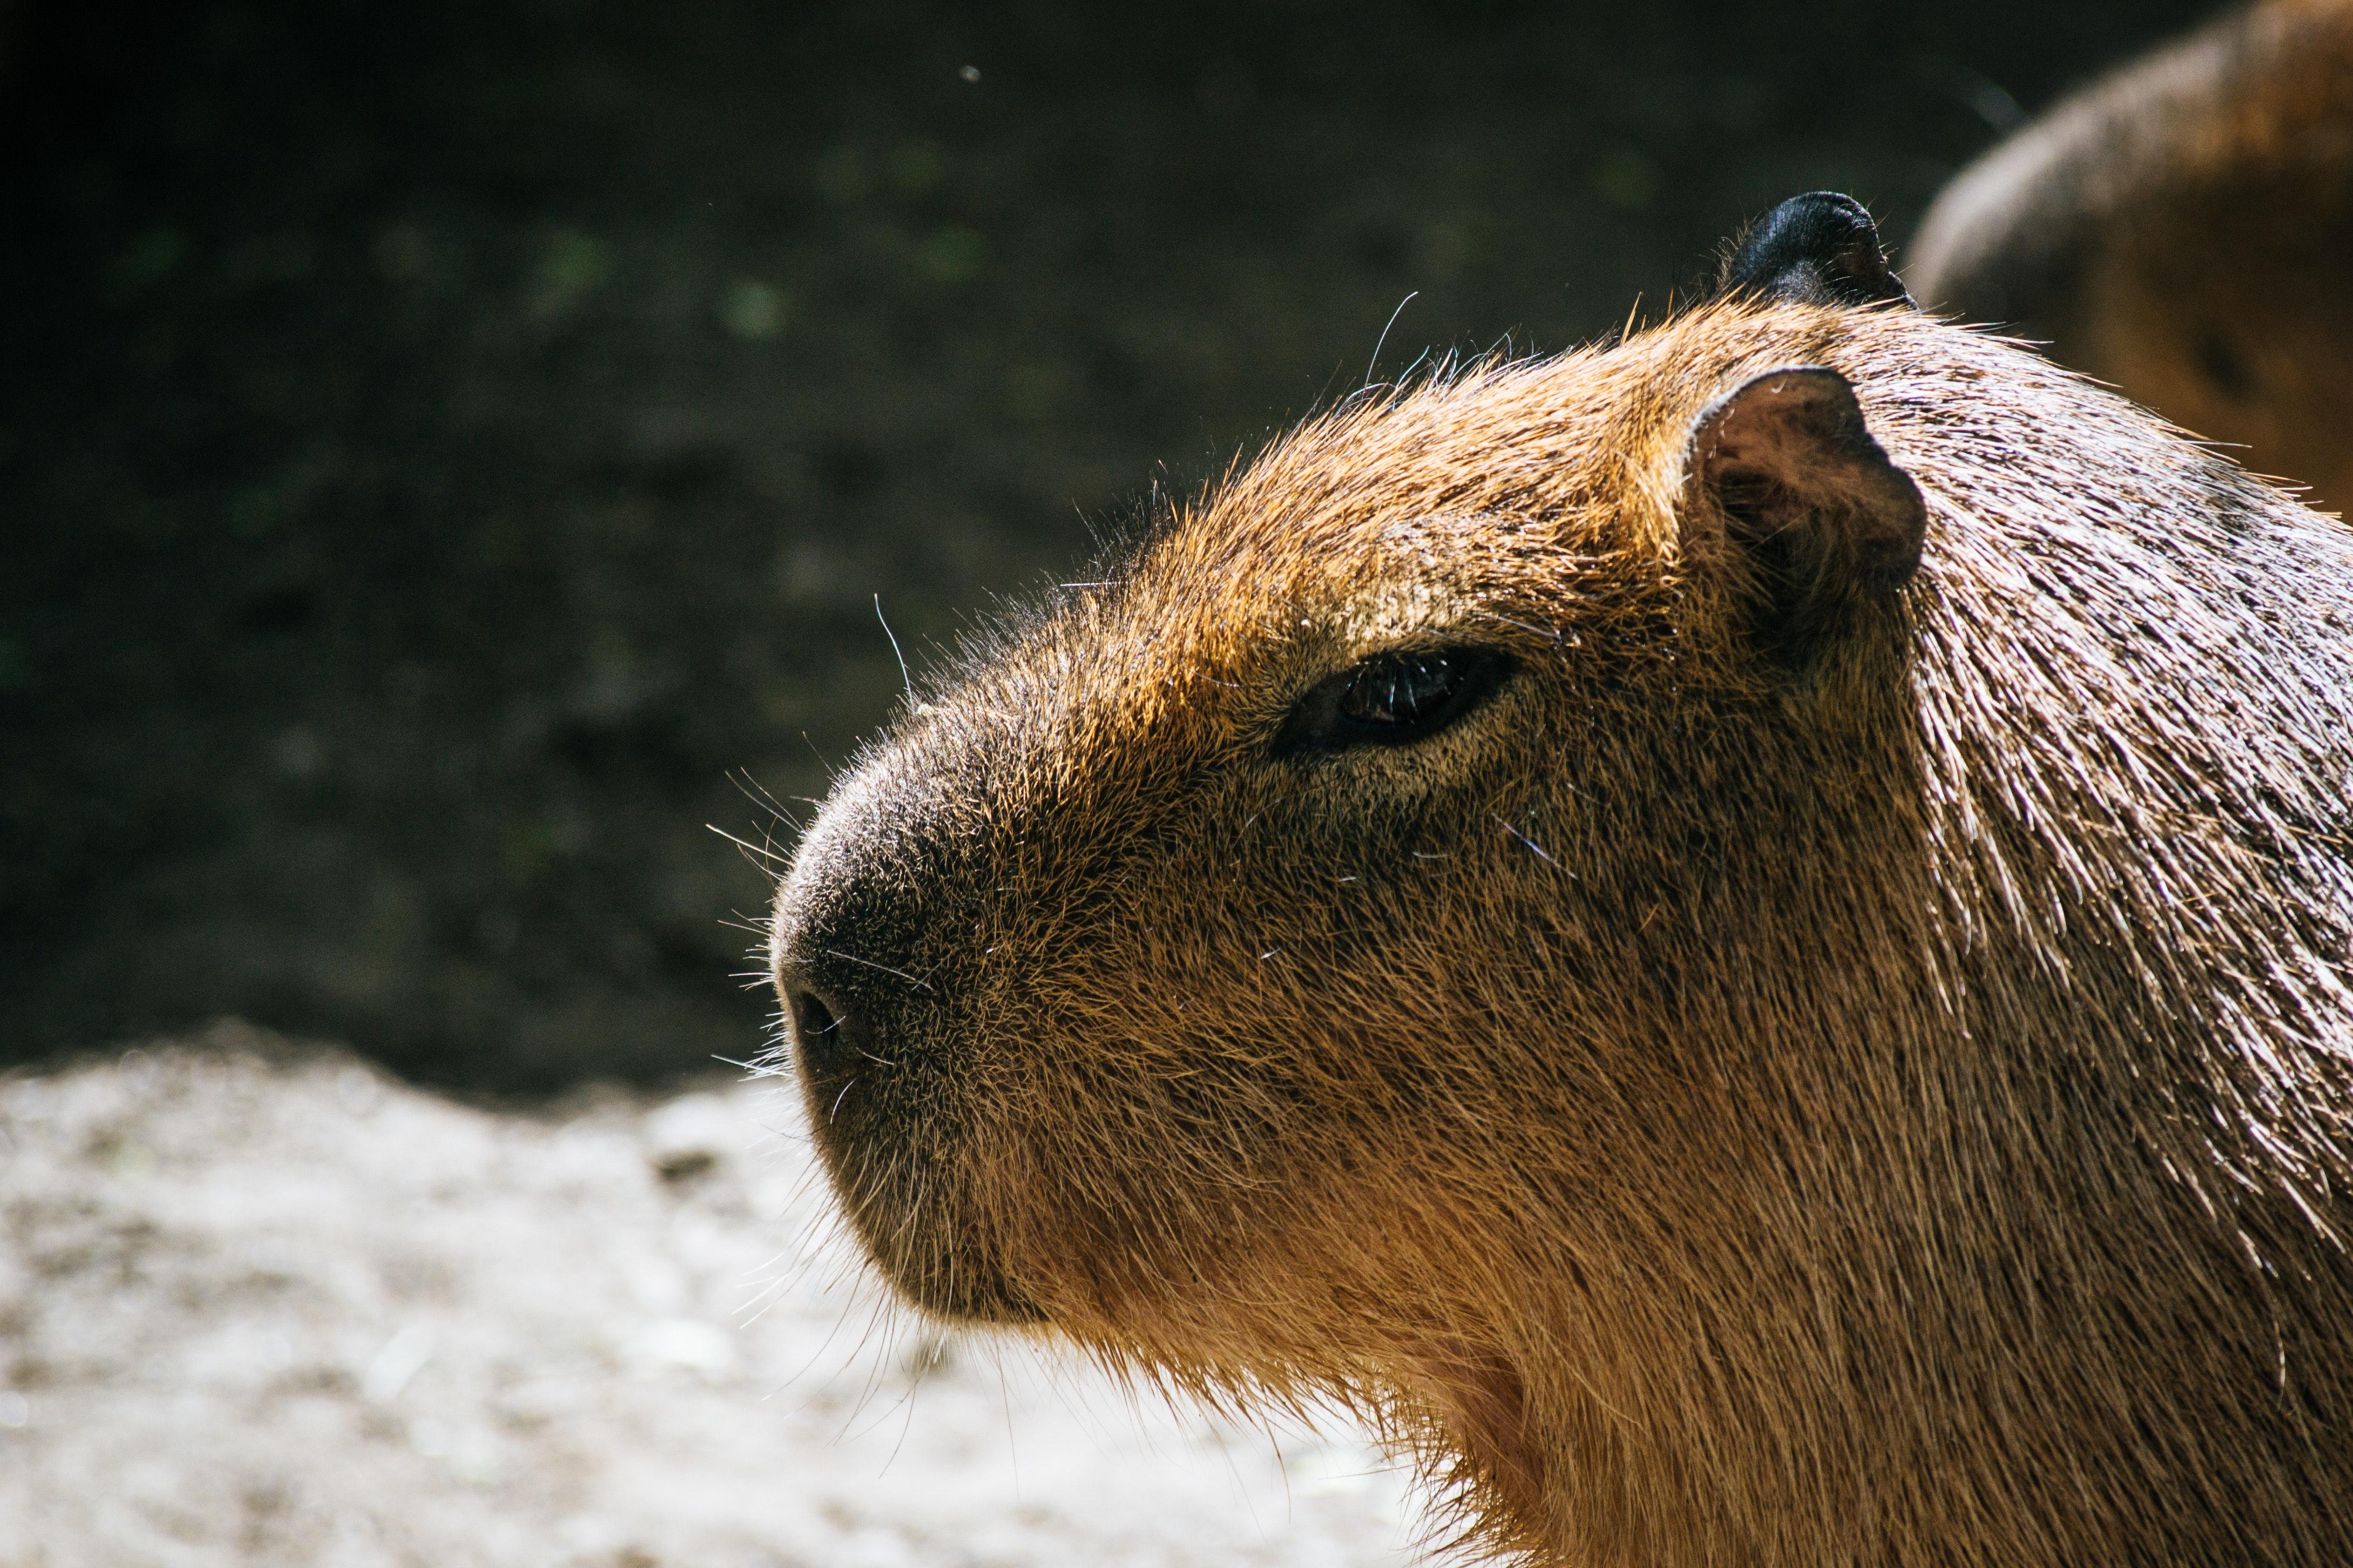 カピバラ パーク 動物の無料の写真素材